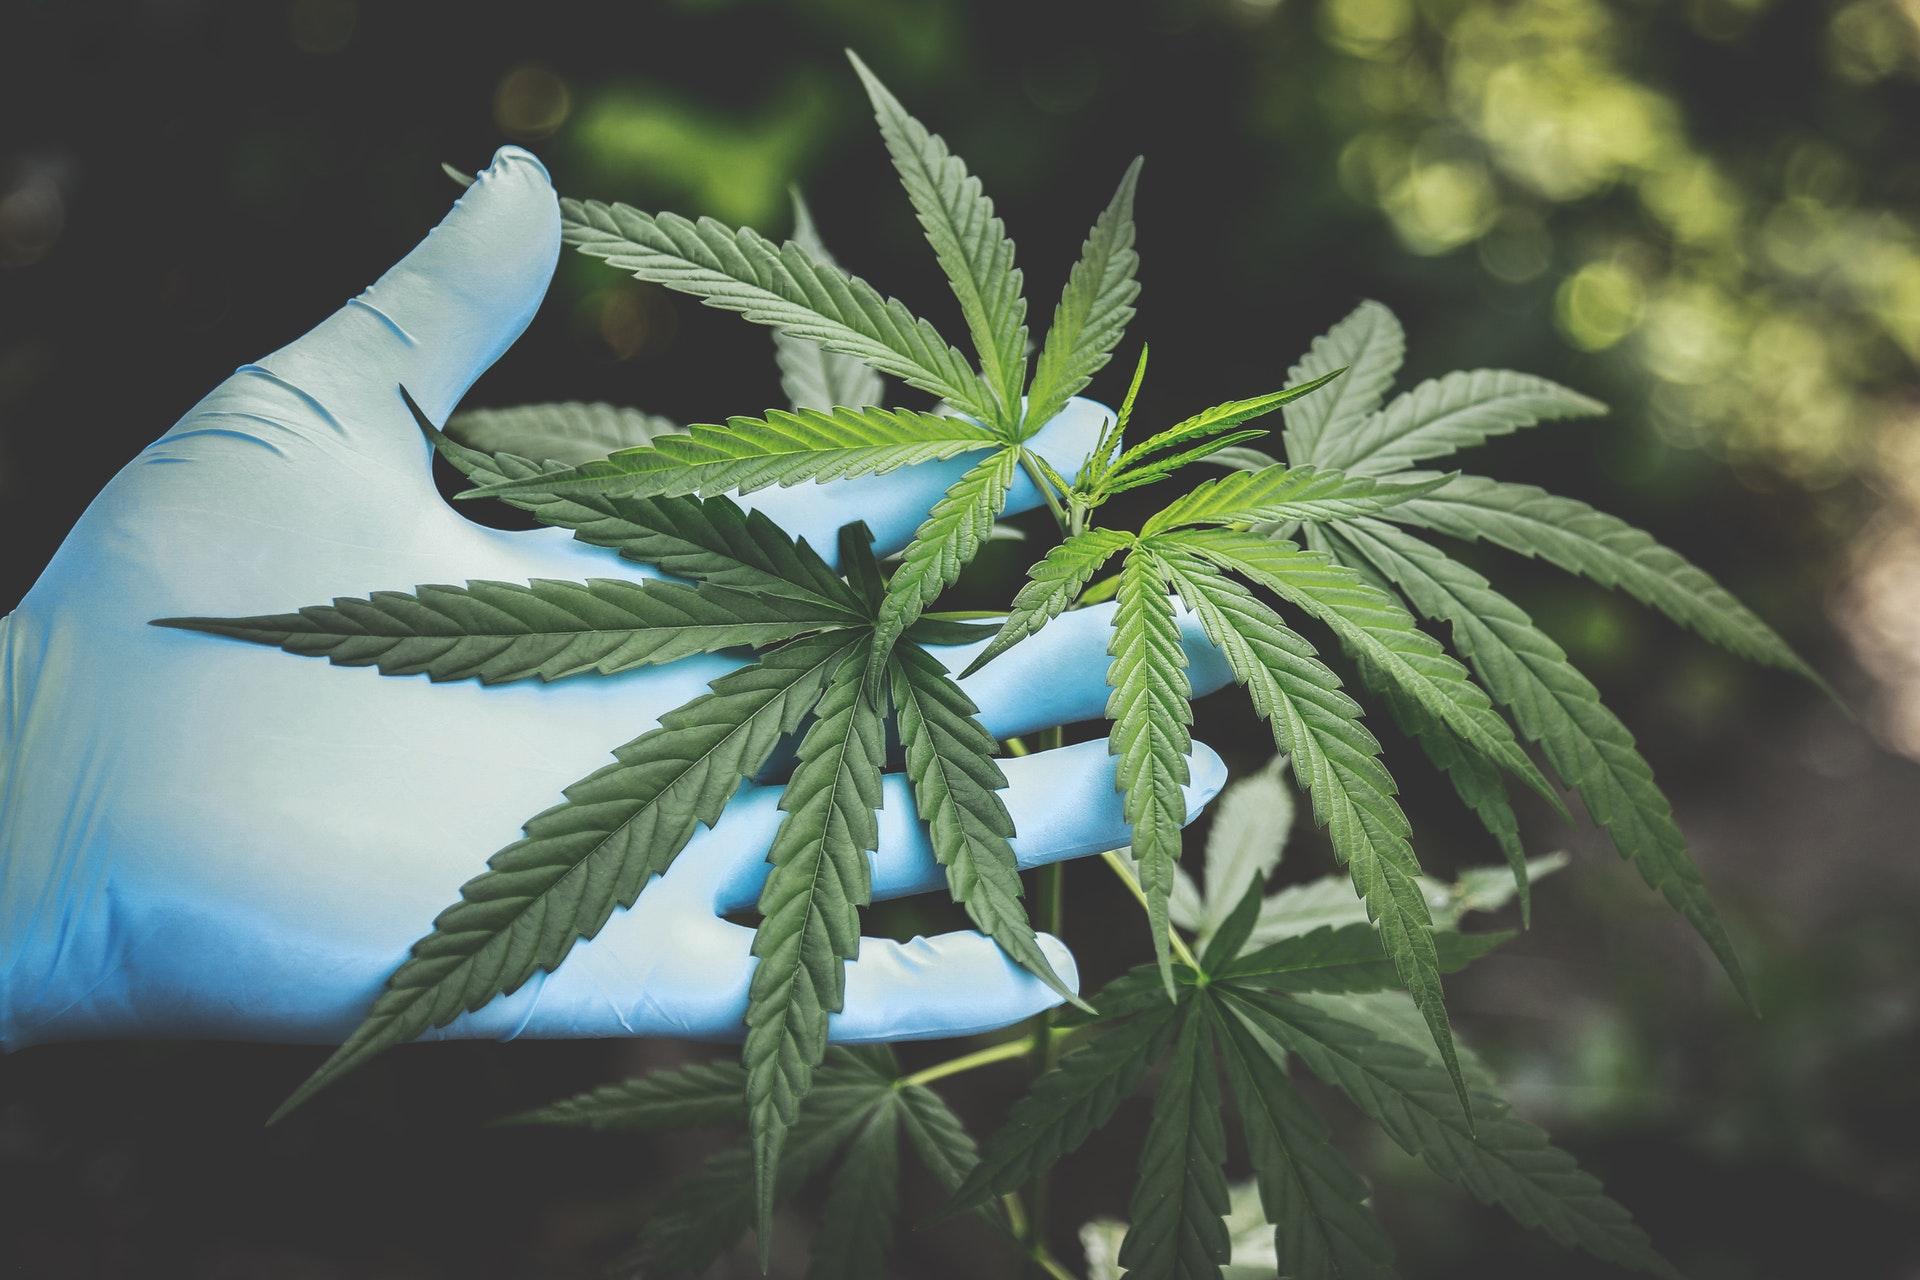 Cannabisak COVID-19ri aurre egiten lagun diezaioke.  Emaitzak itxaropentsuak dira